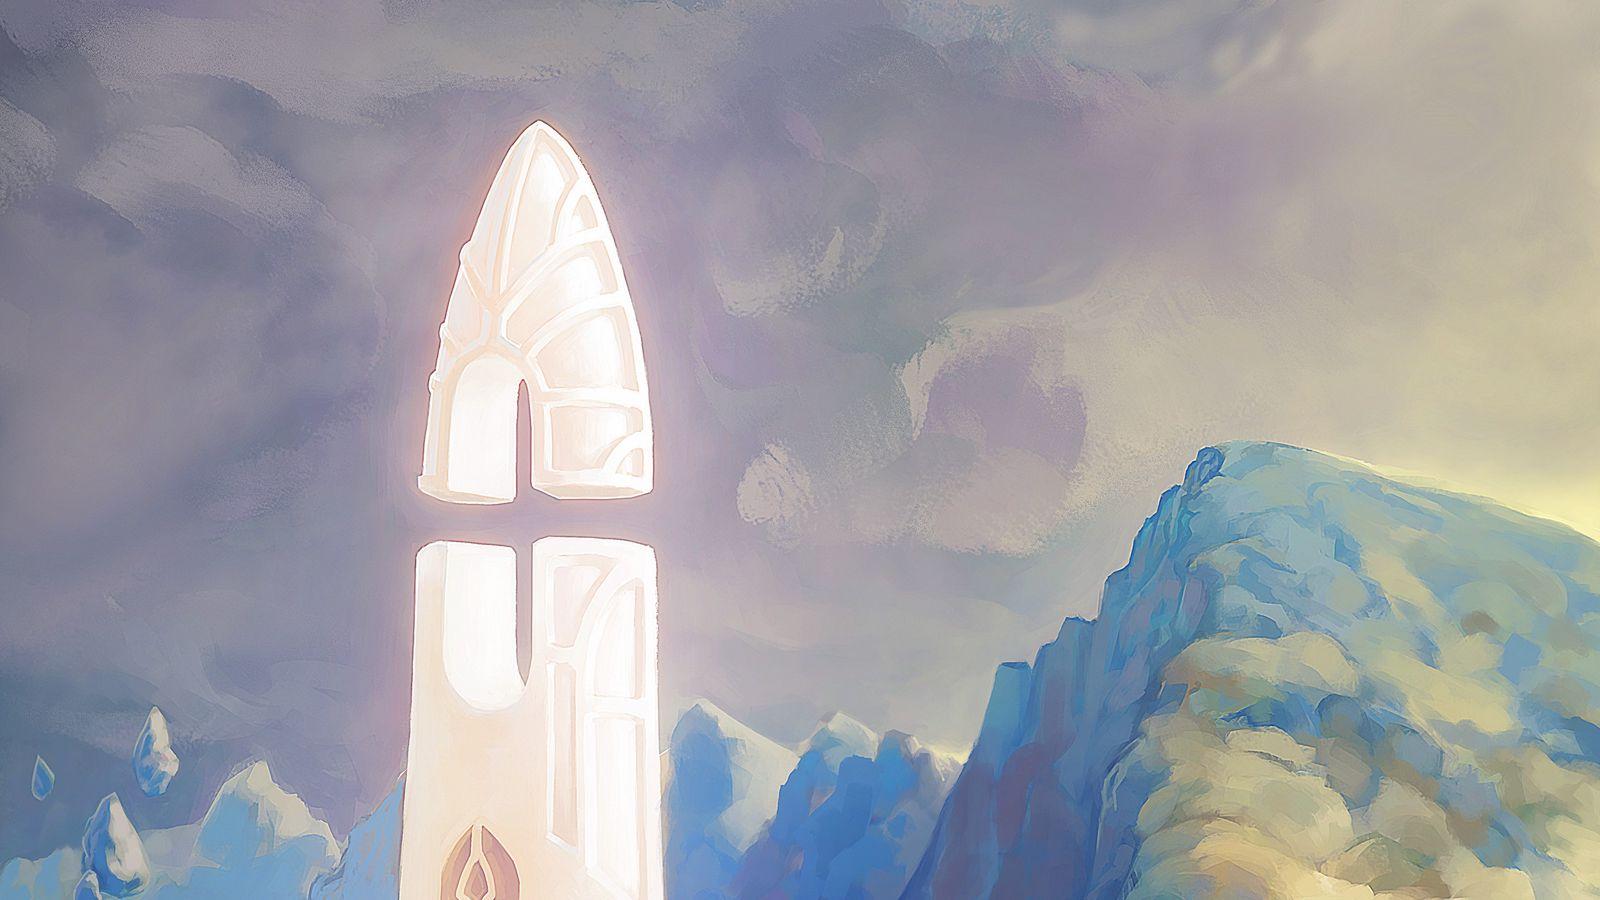 1600x900 Wallpaper fantasy, tower, rocks, stones, art